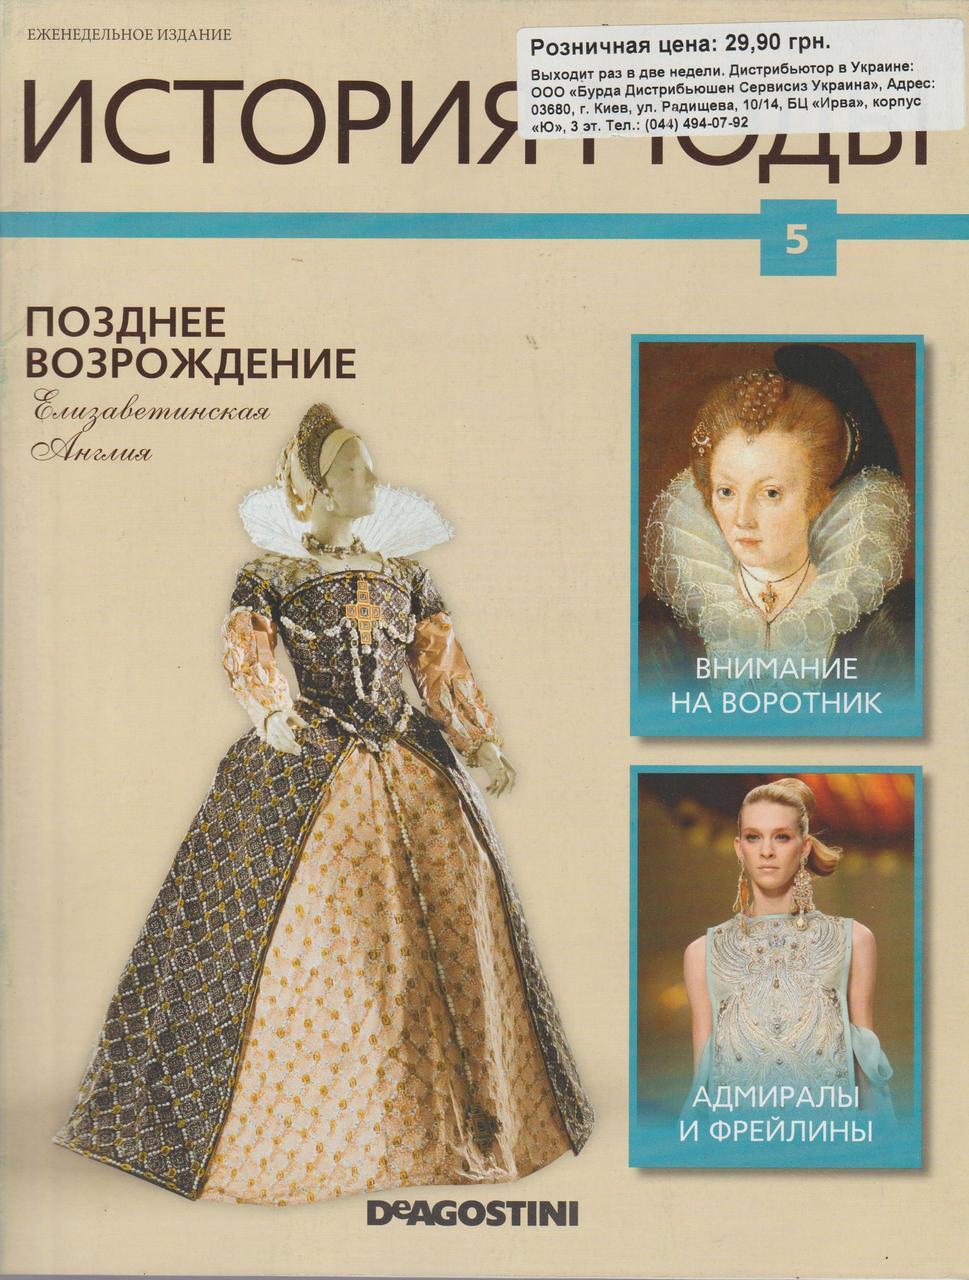 История Моды №5 - Позднее Возрождение. Елизаветинская Англия | Журнал | DeAgostini